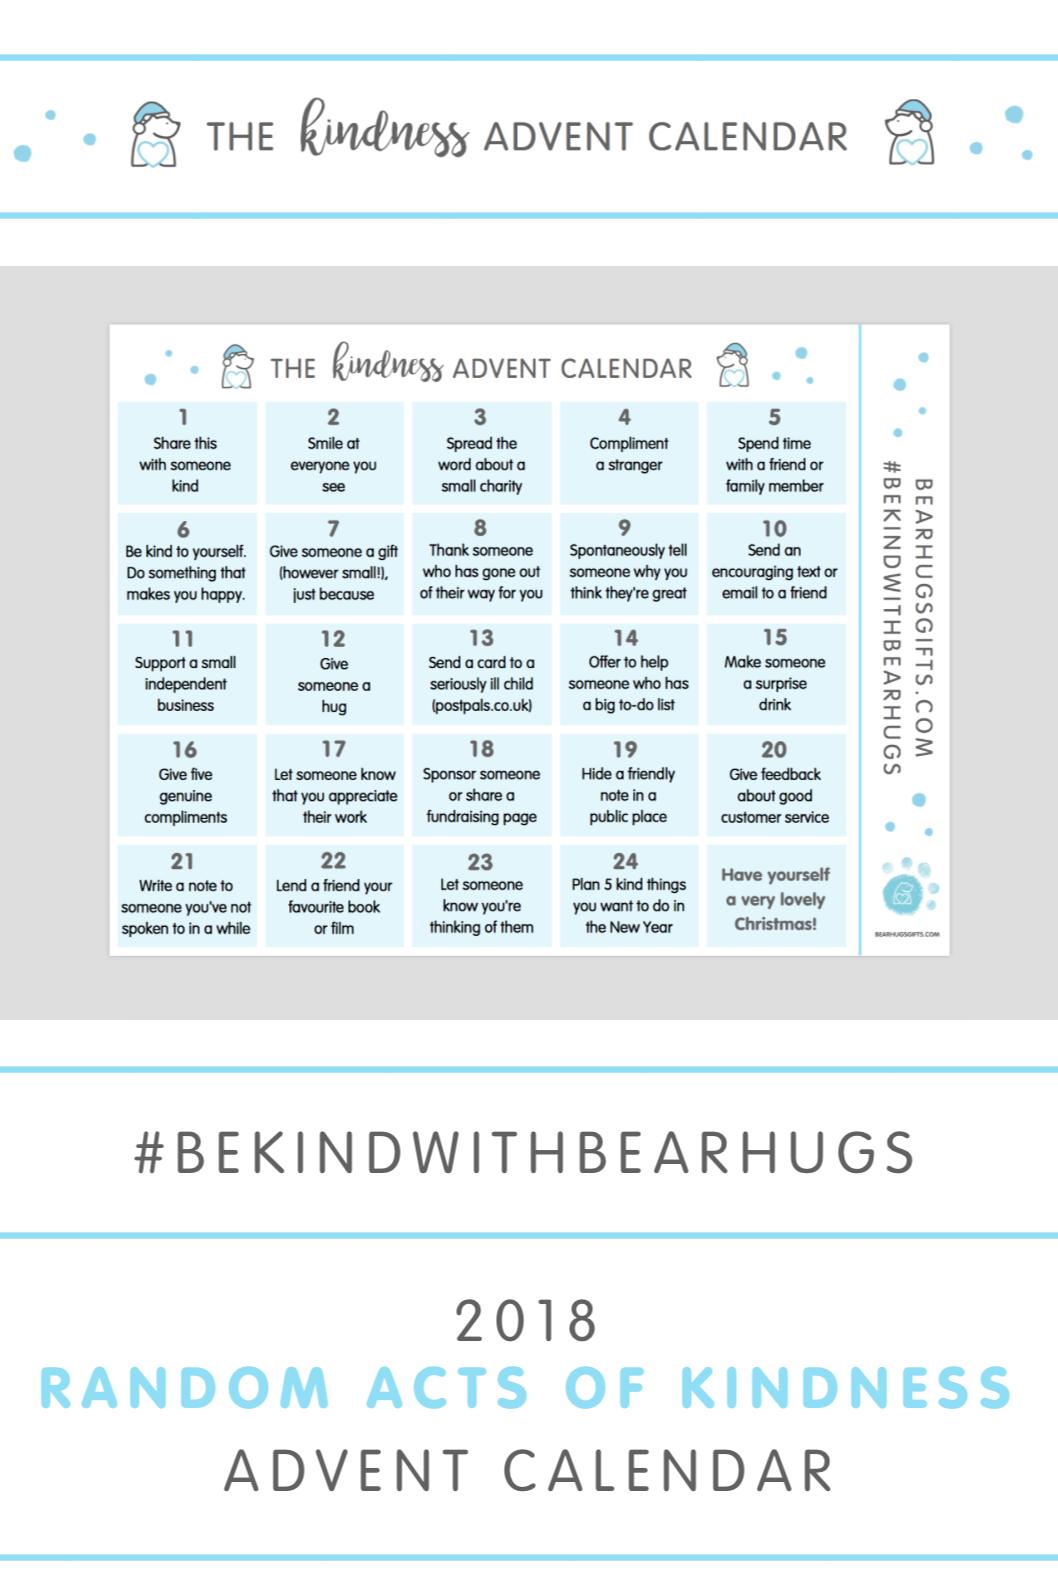 Random Acts of Kindness Advent Calendar — BearHugs - Send a 'Hug in